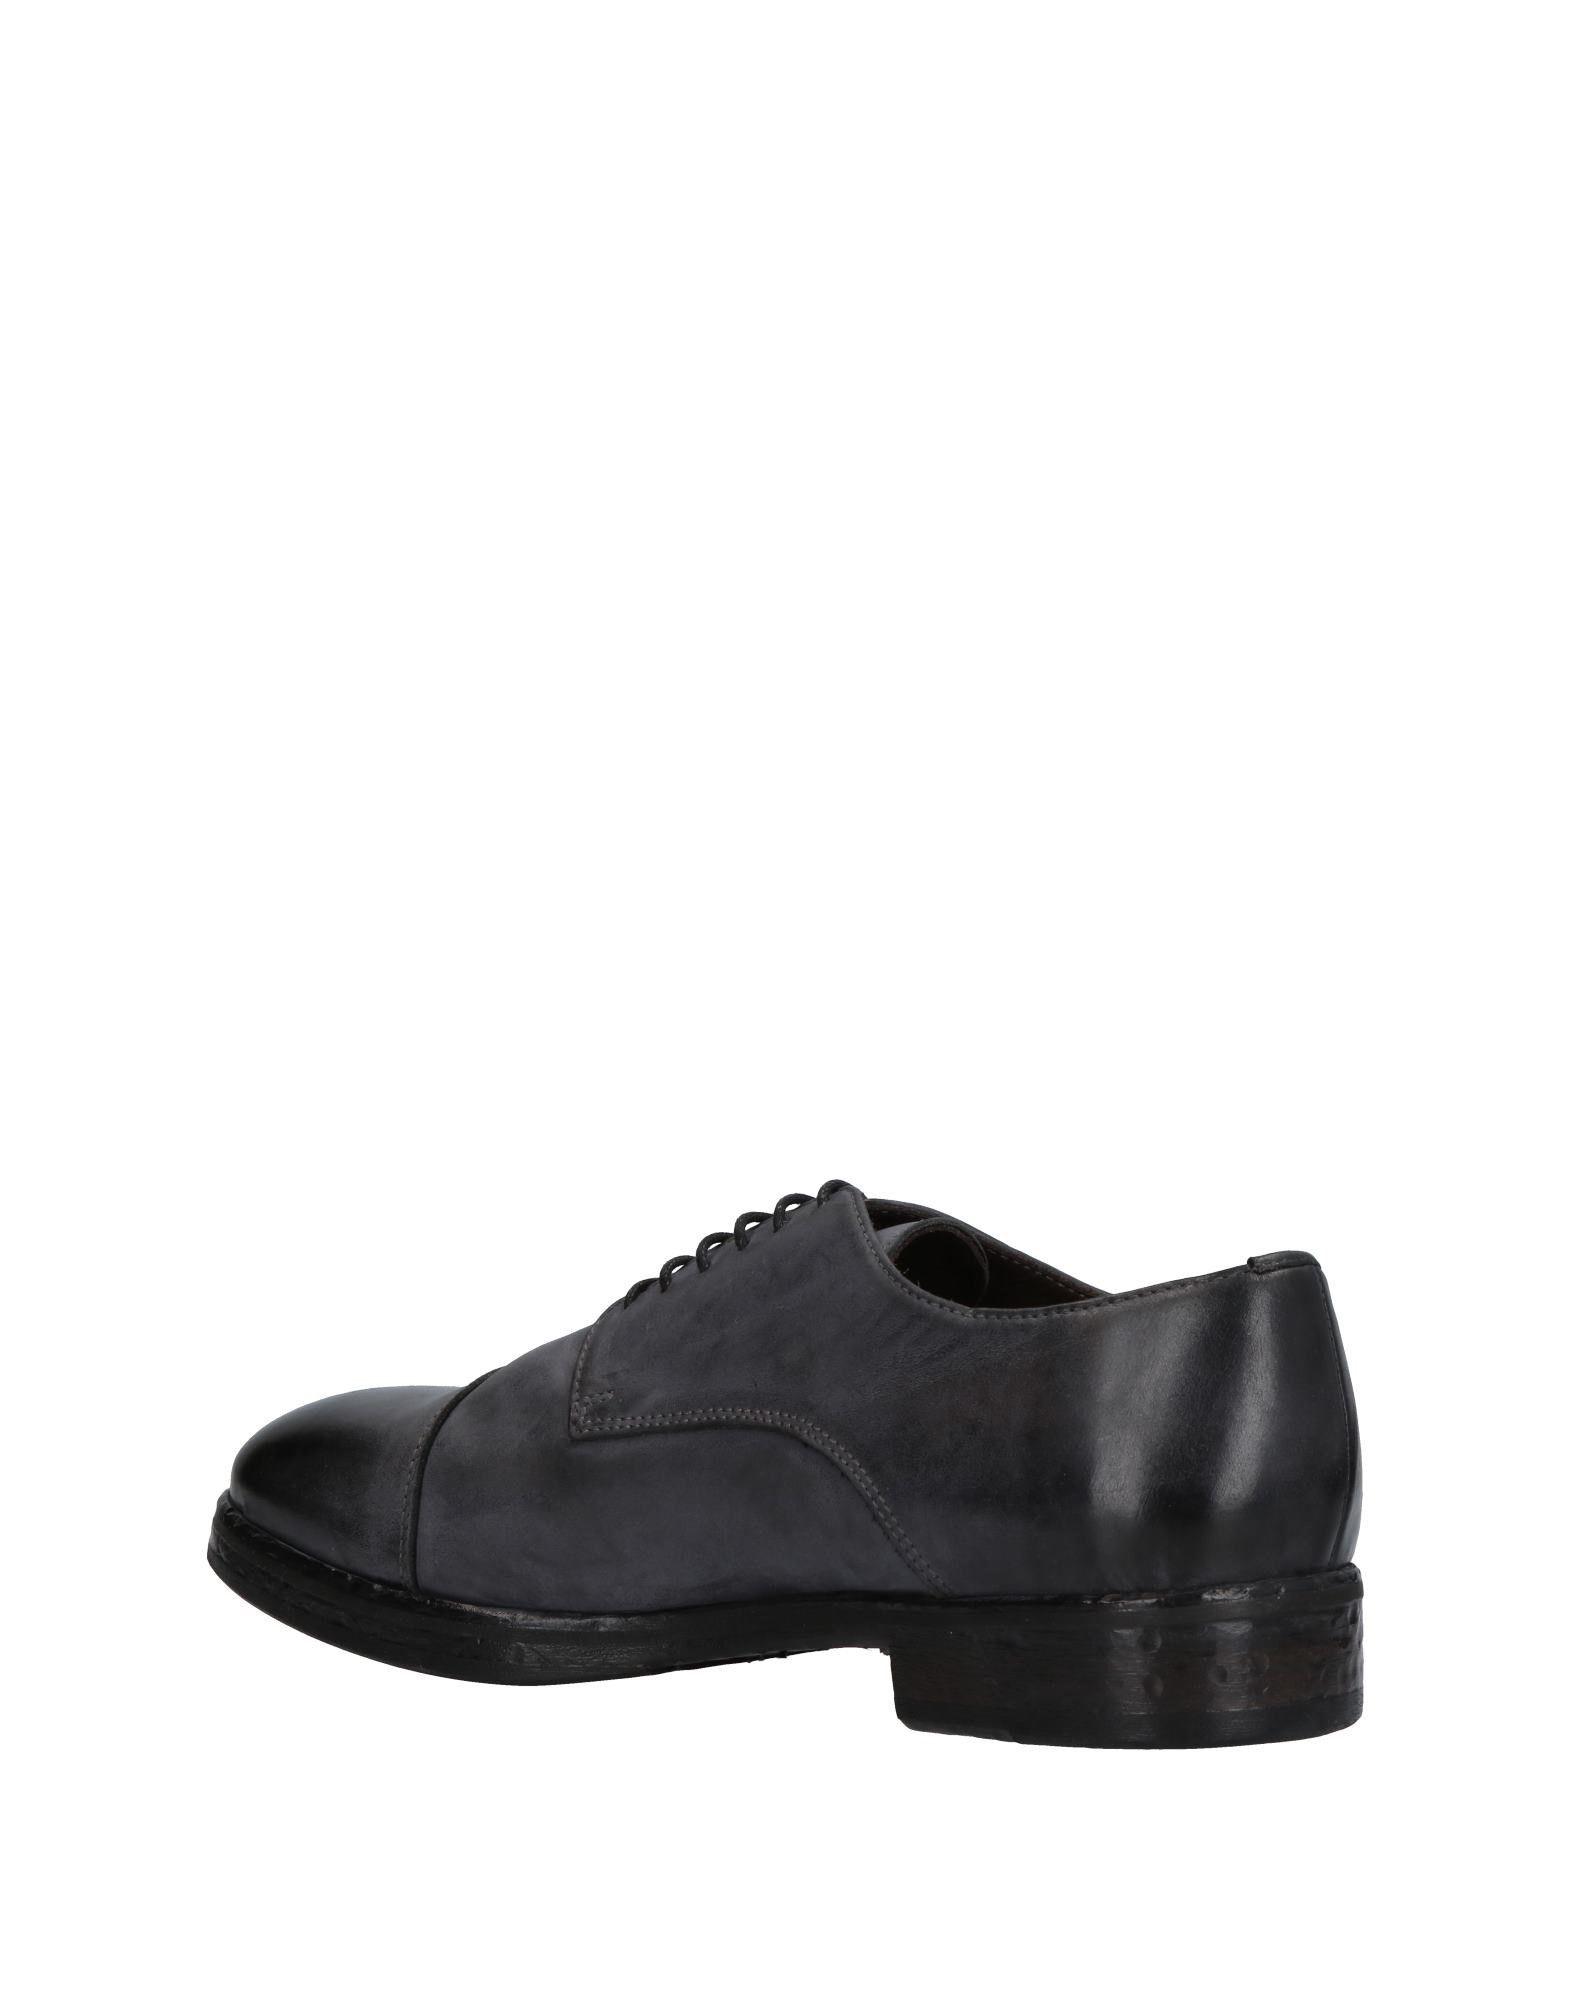 Chaussures - Tribunaux Prezioso jLyS9b5no